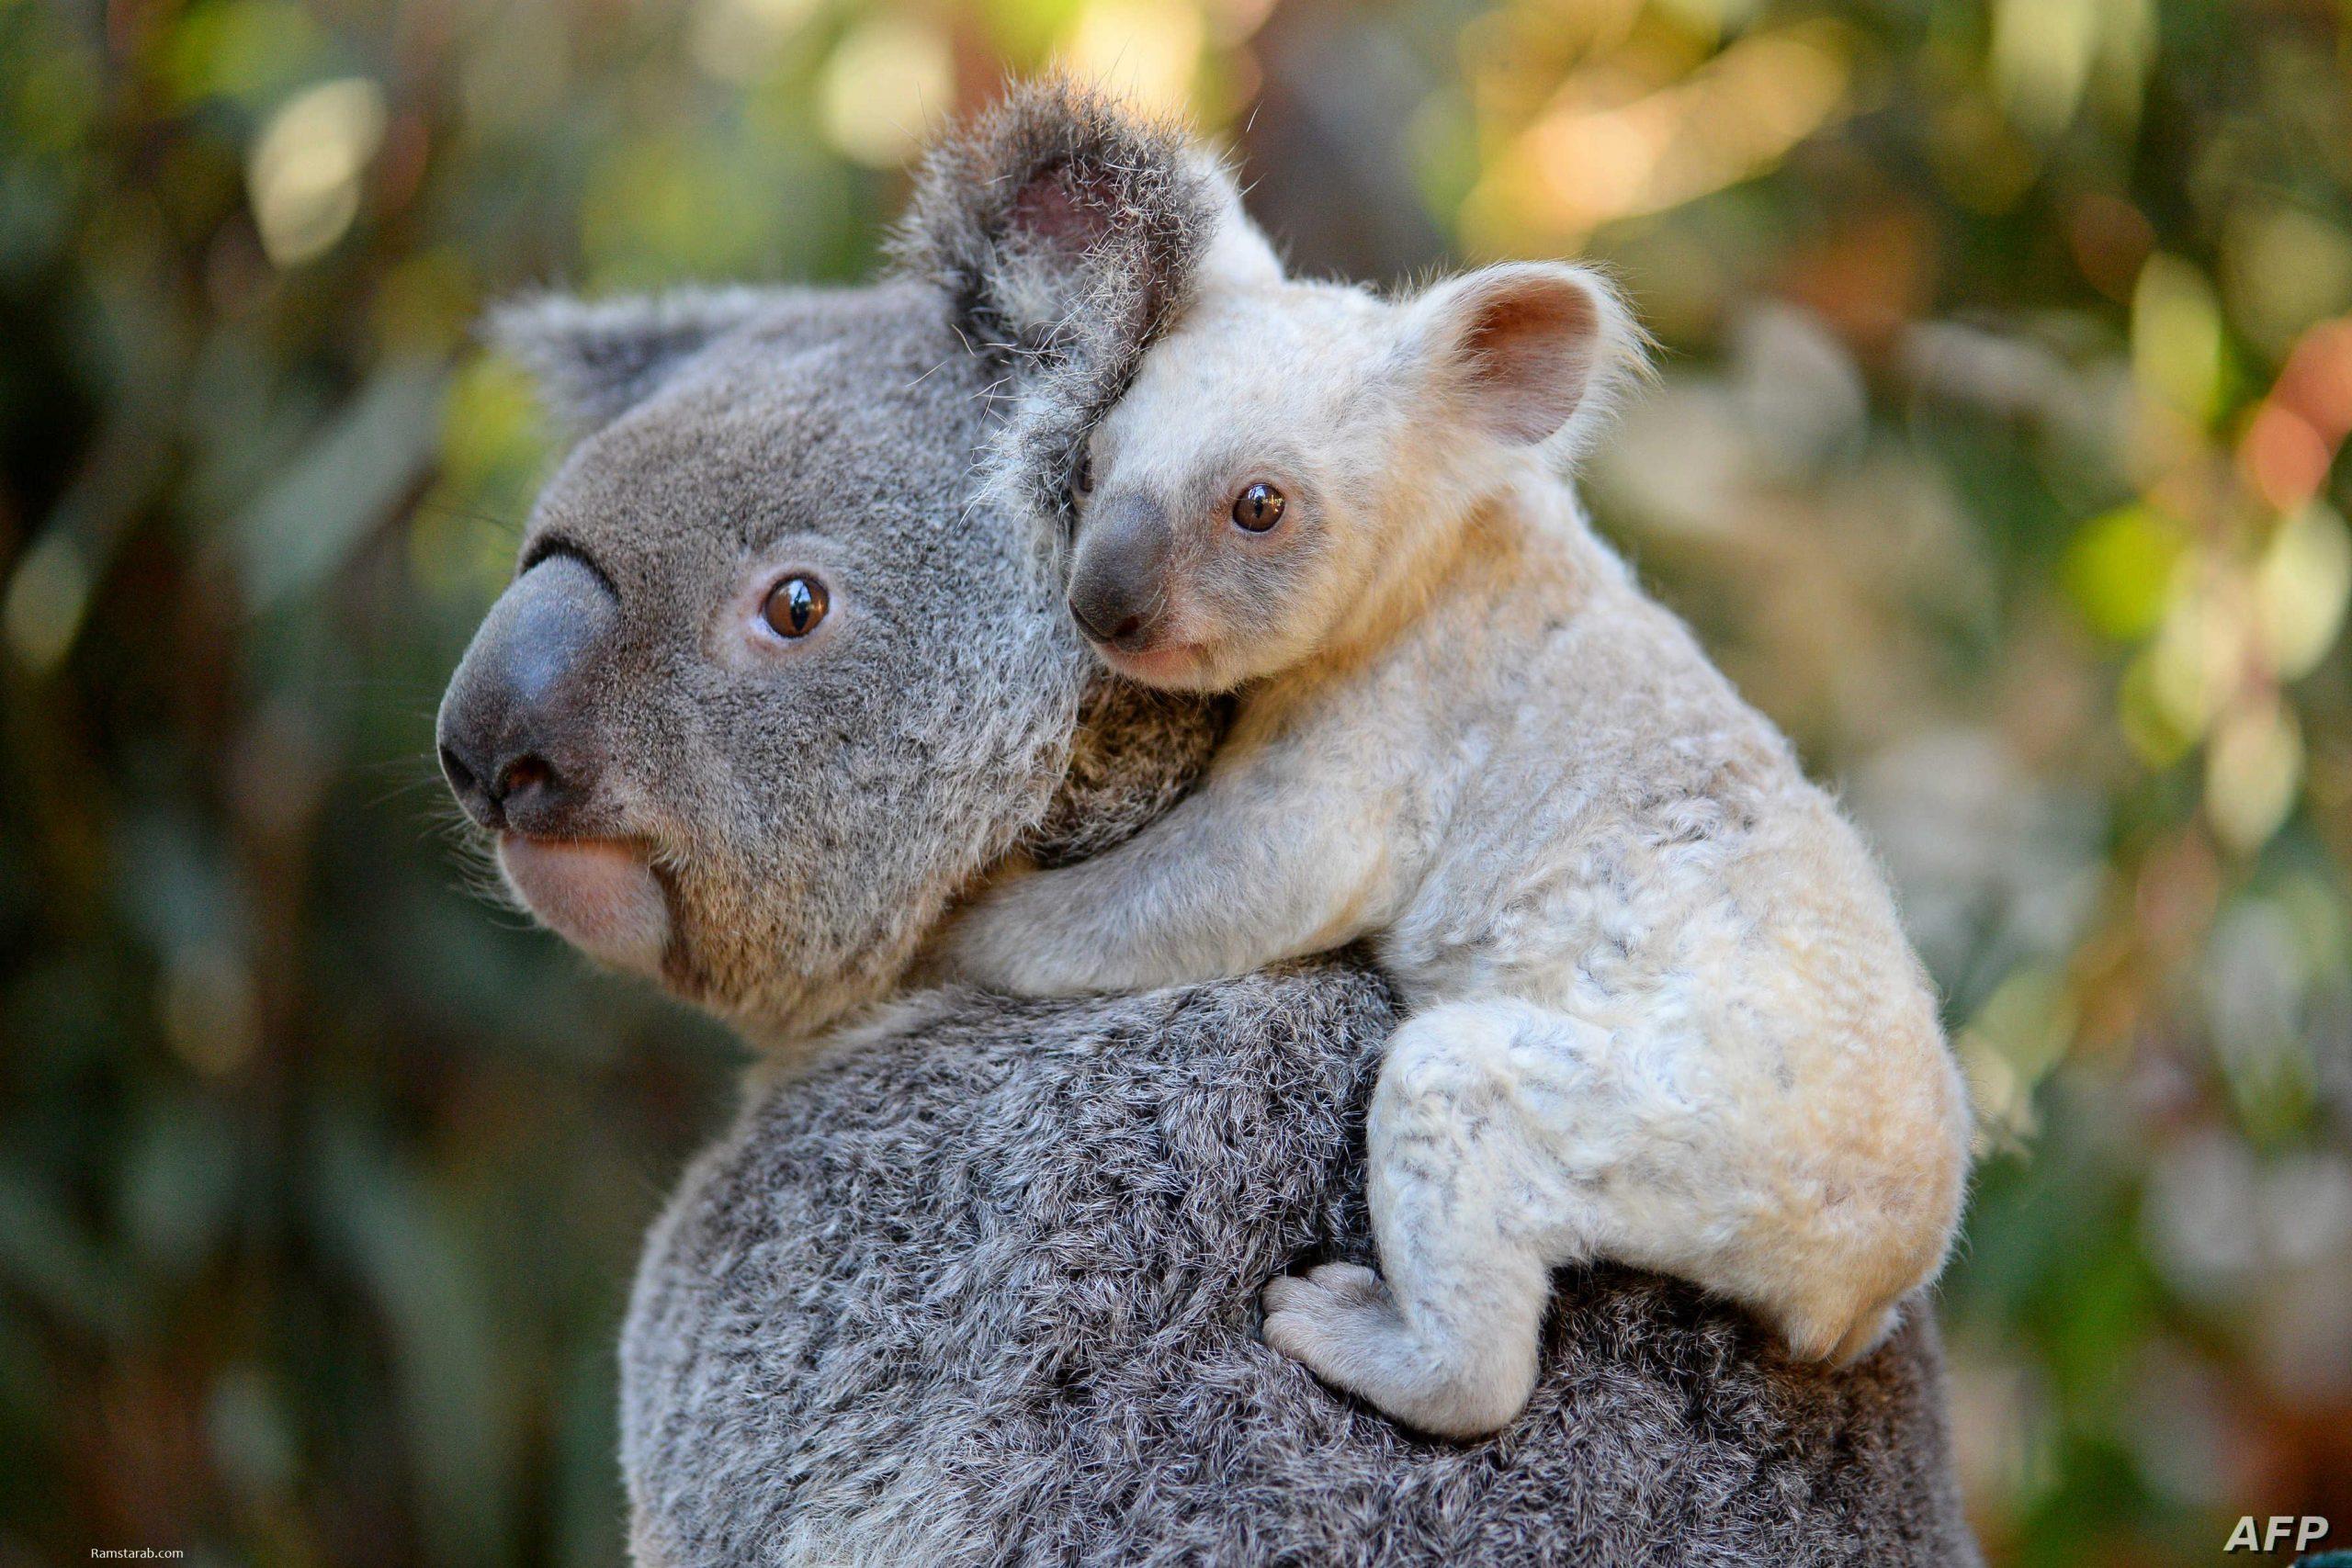 اجمل صور الحيوانات 2021 12